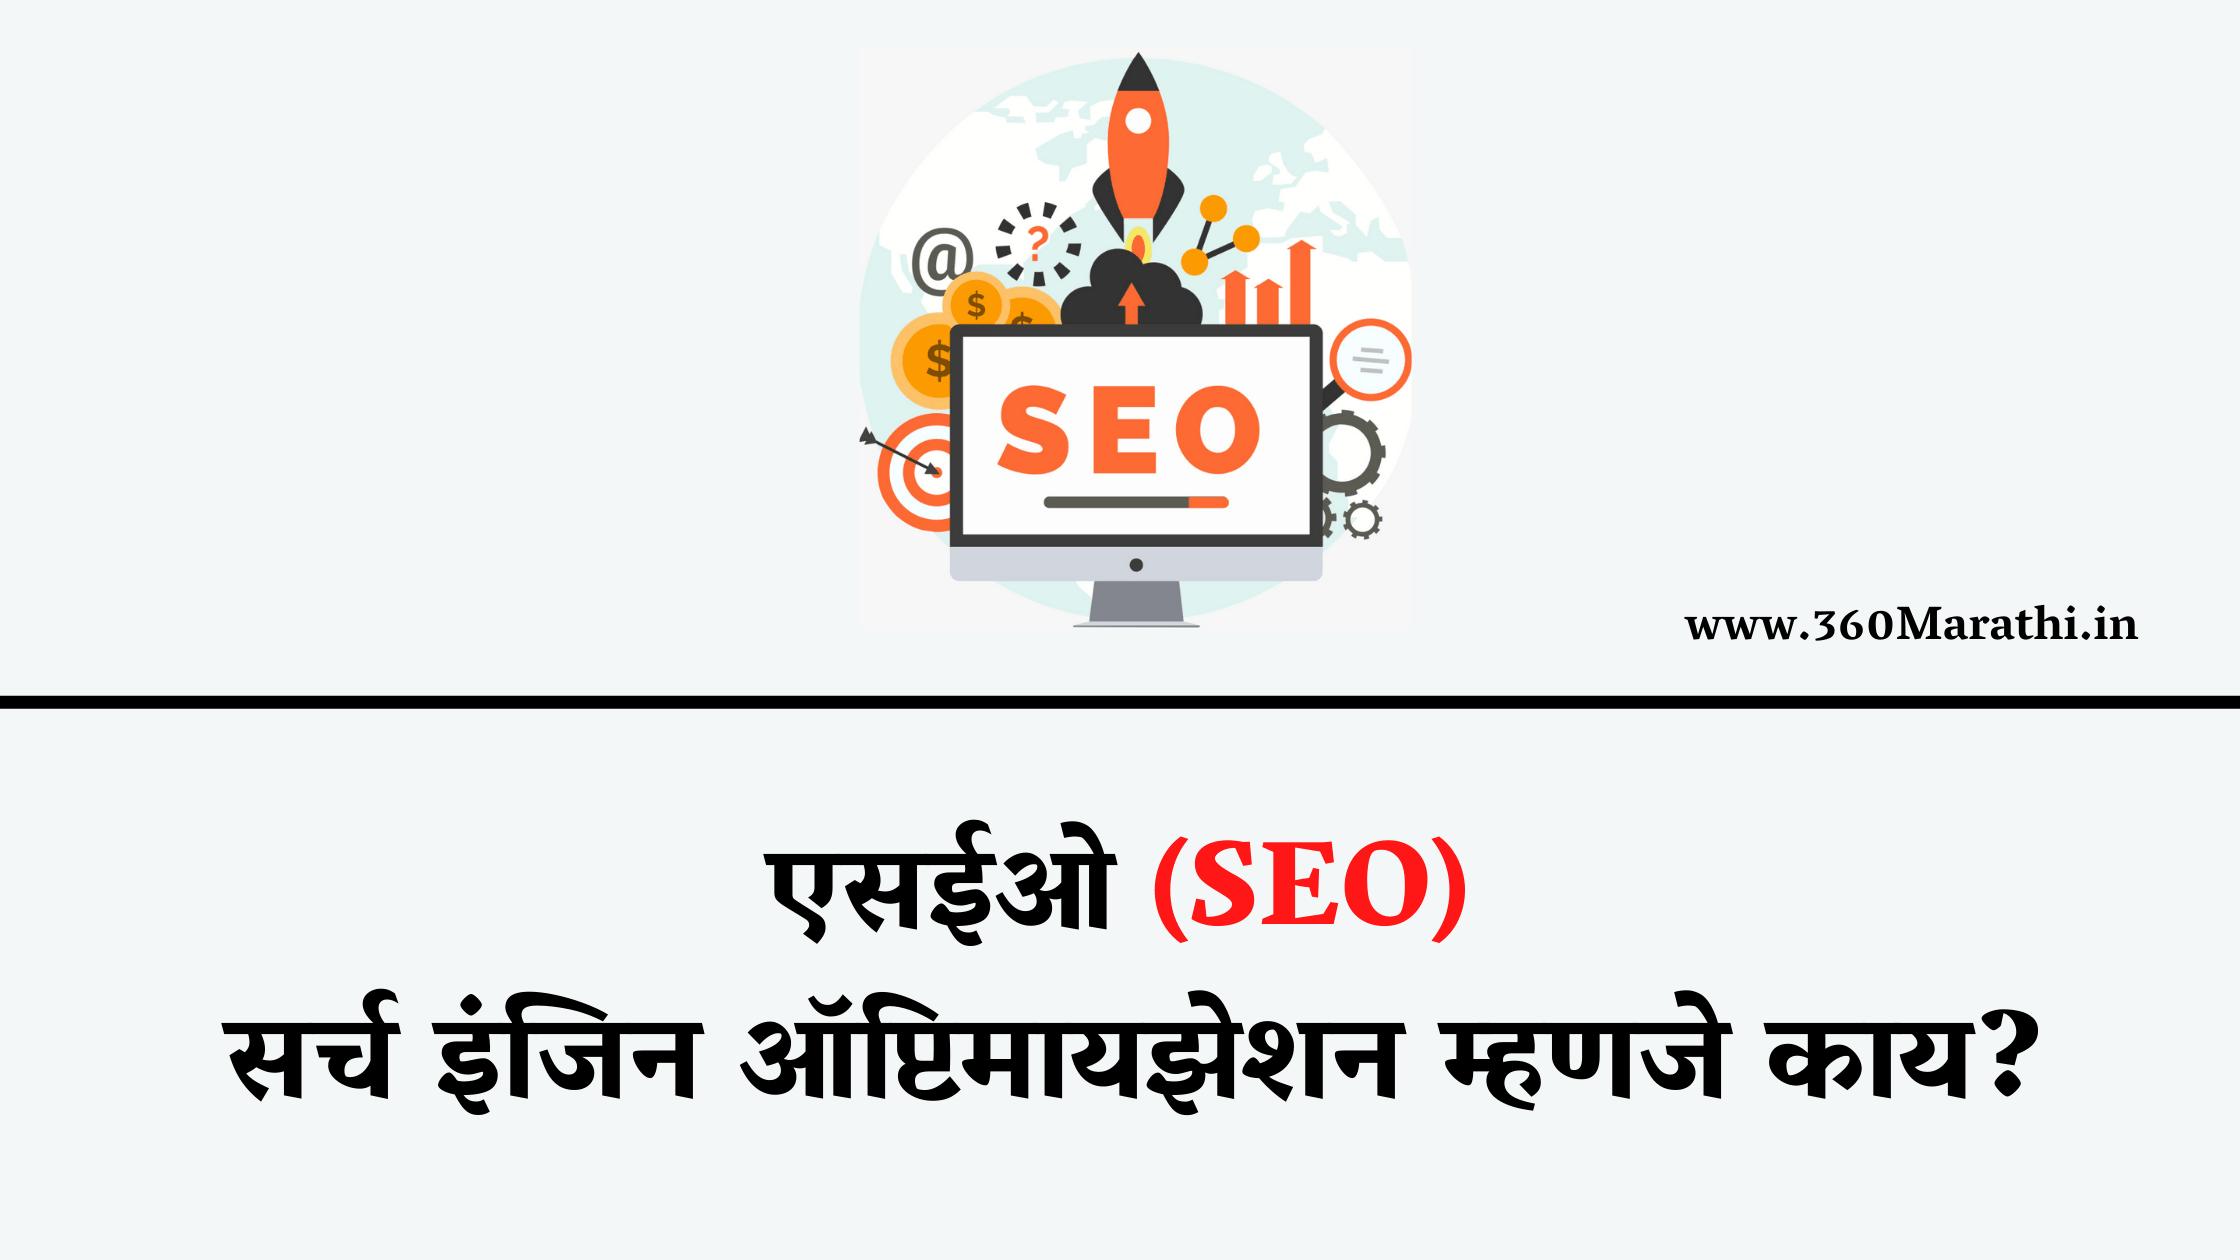 SEO म्हणजे काय संपूर्ण माहिती   What is SEO in Marathi